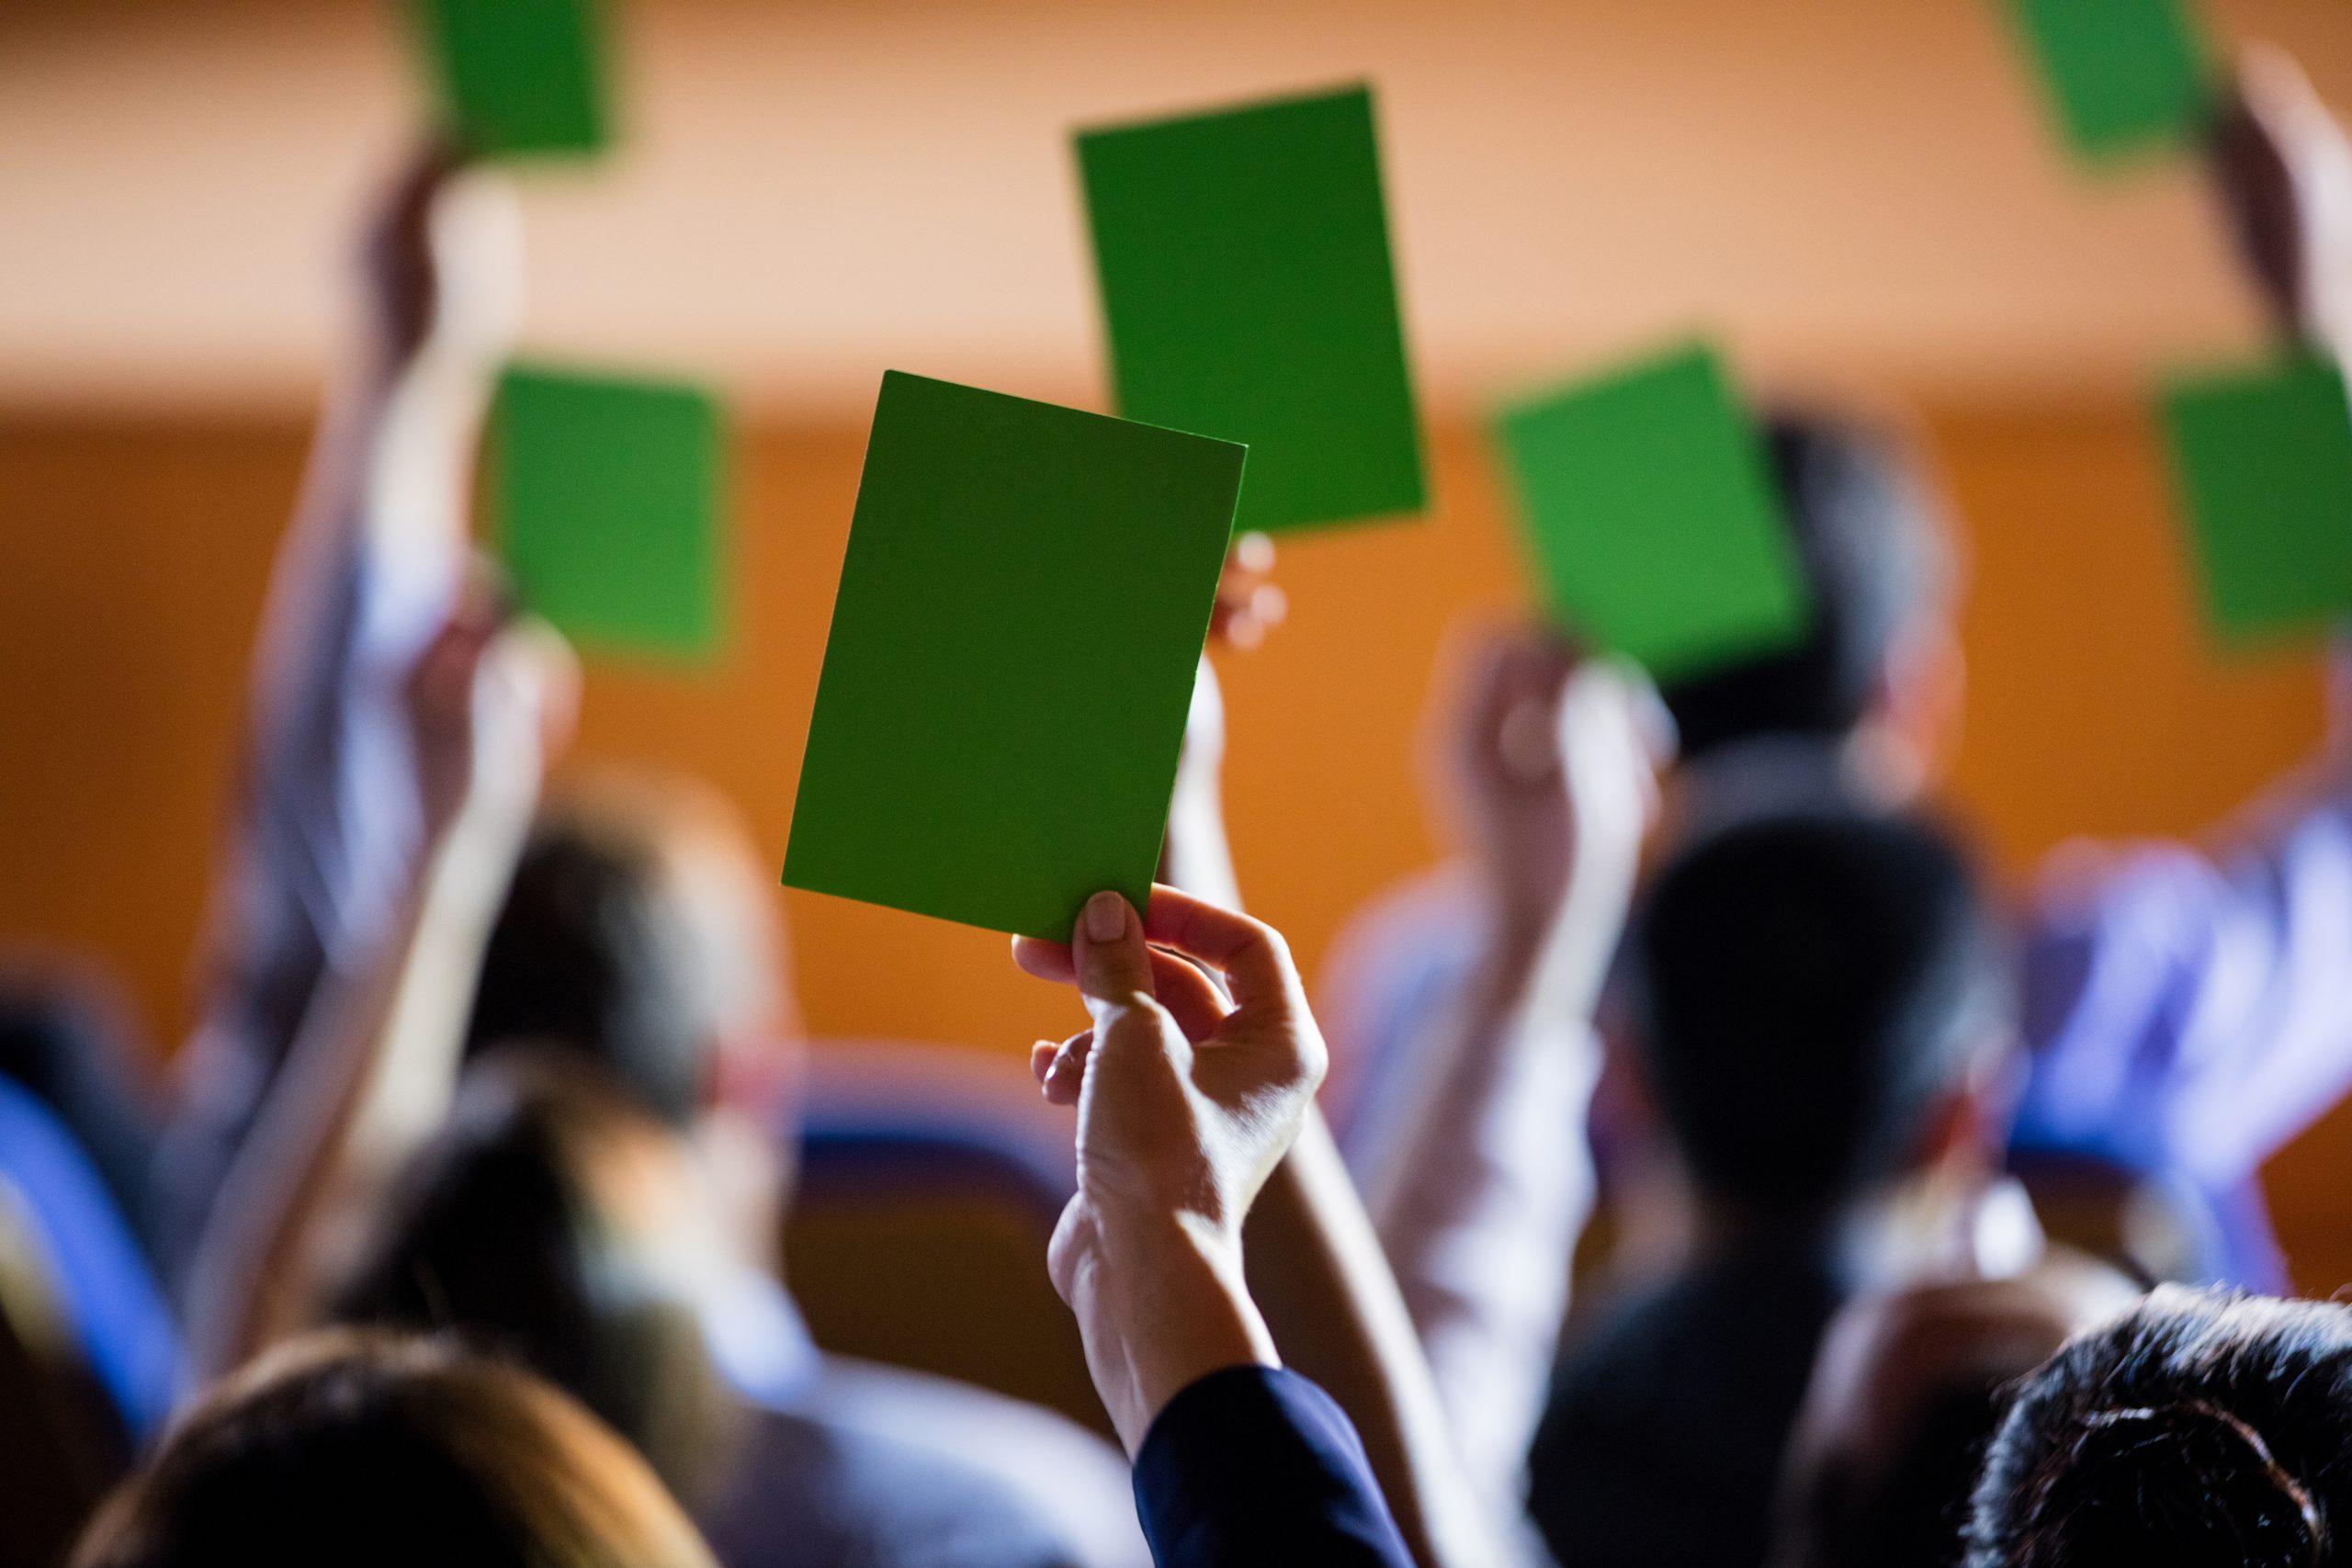 Wahlen mit grünen Umschlägen